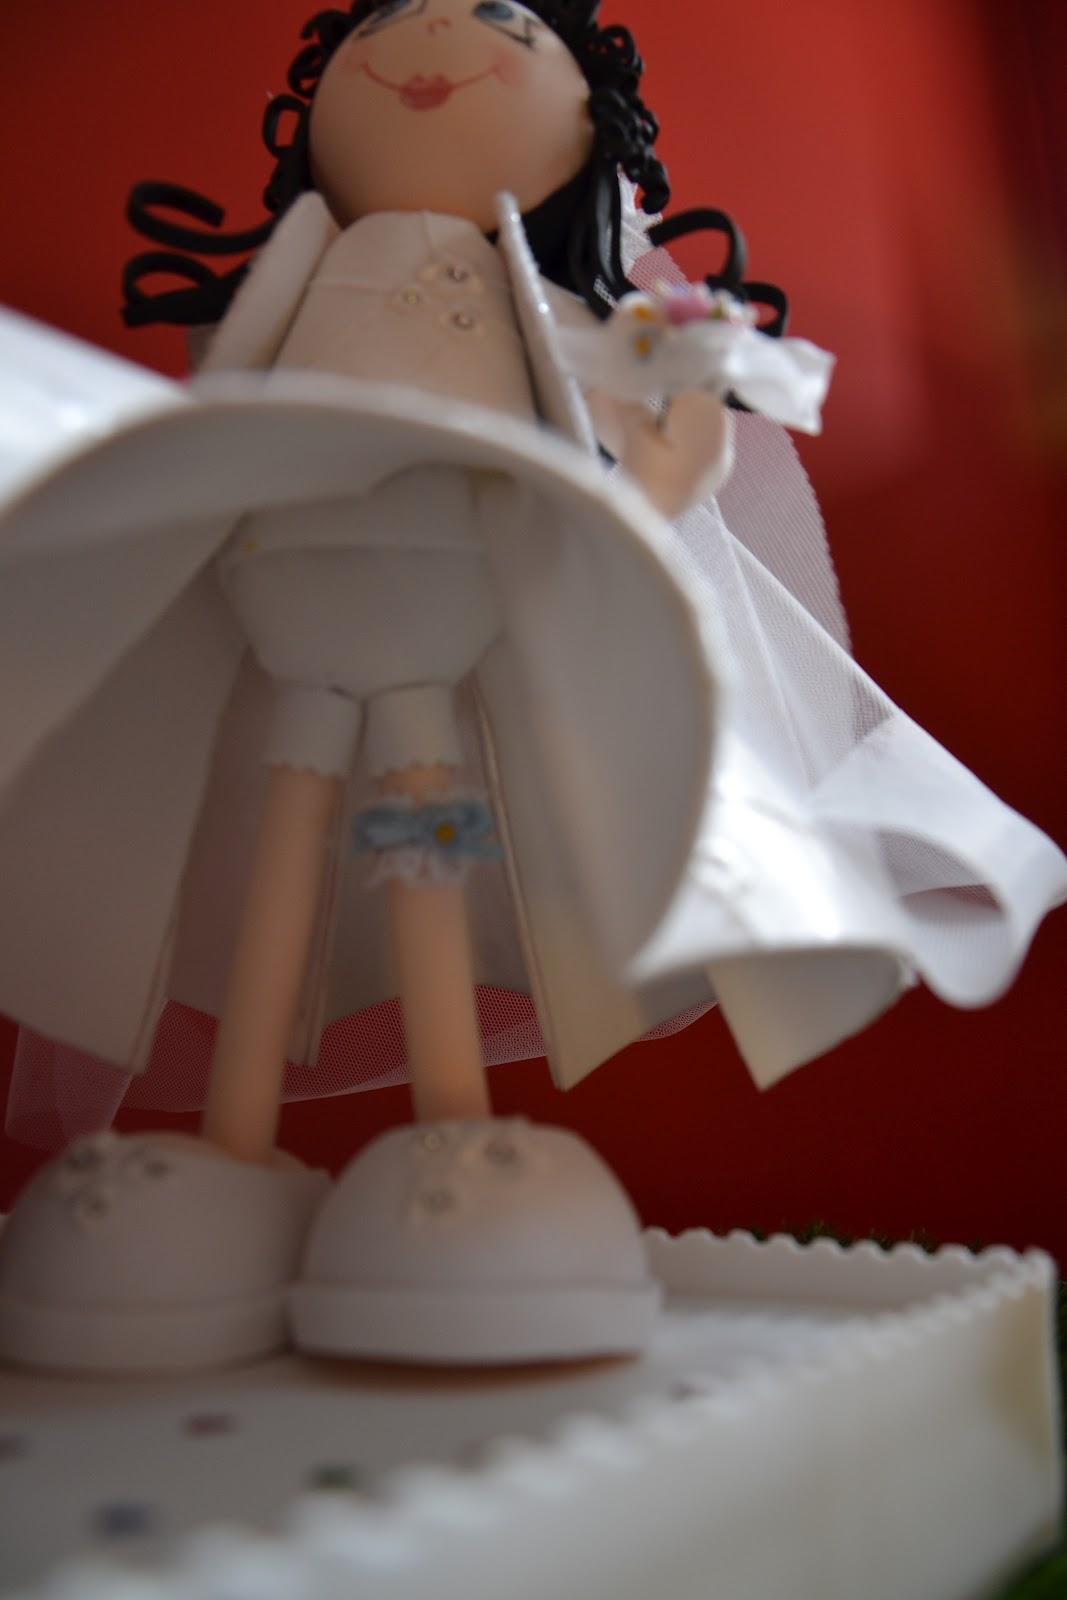 http://2.bp.blogspot.com/-MDvTwUGa72I/UC6AsmquqEI/AAAAAAAABOc/Ew_lGRyKD30/s1600/fofu+nuvis-8.JPG